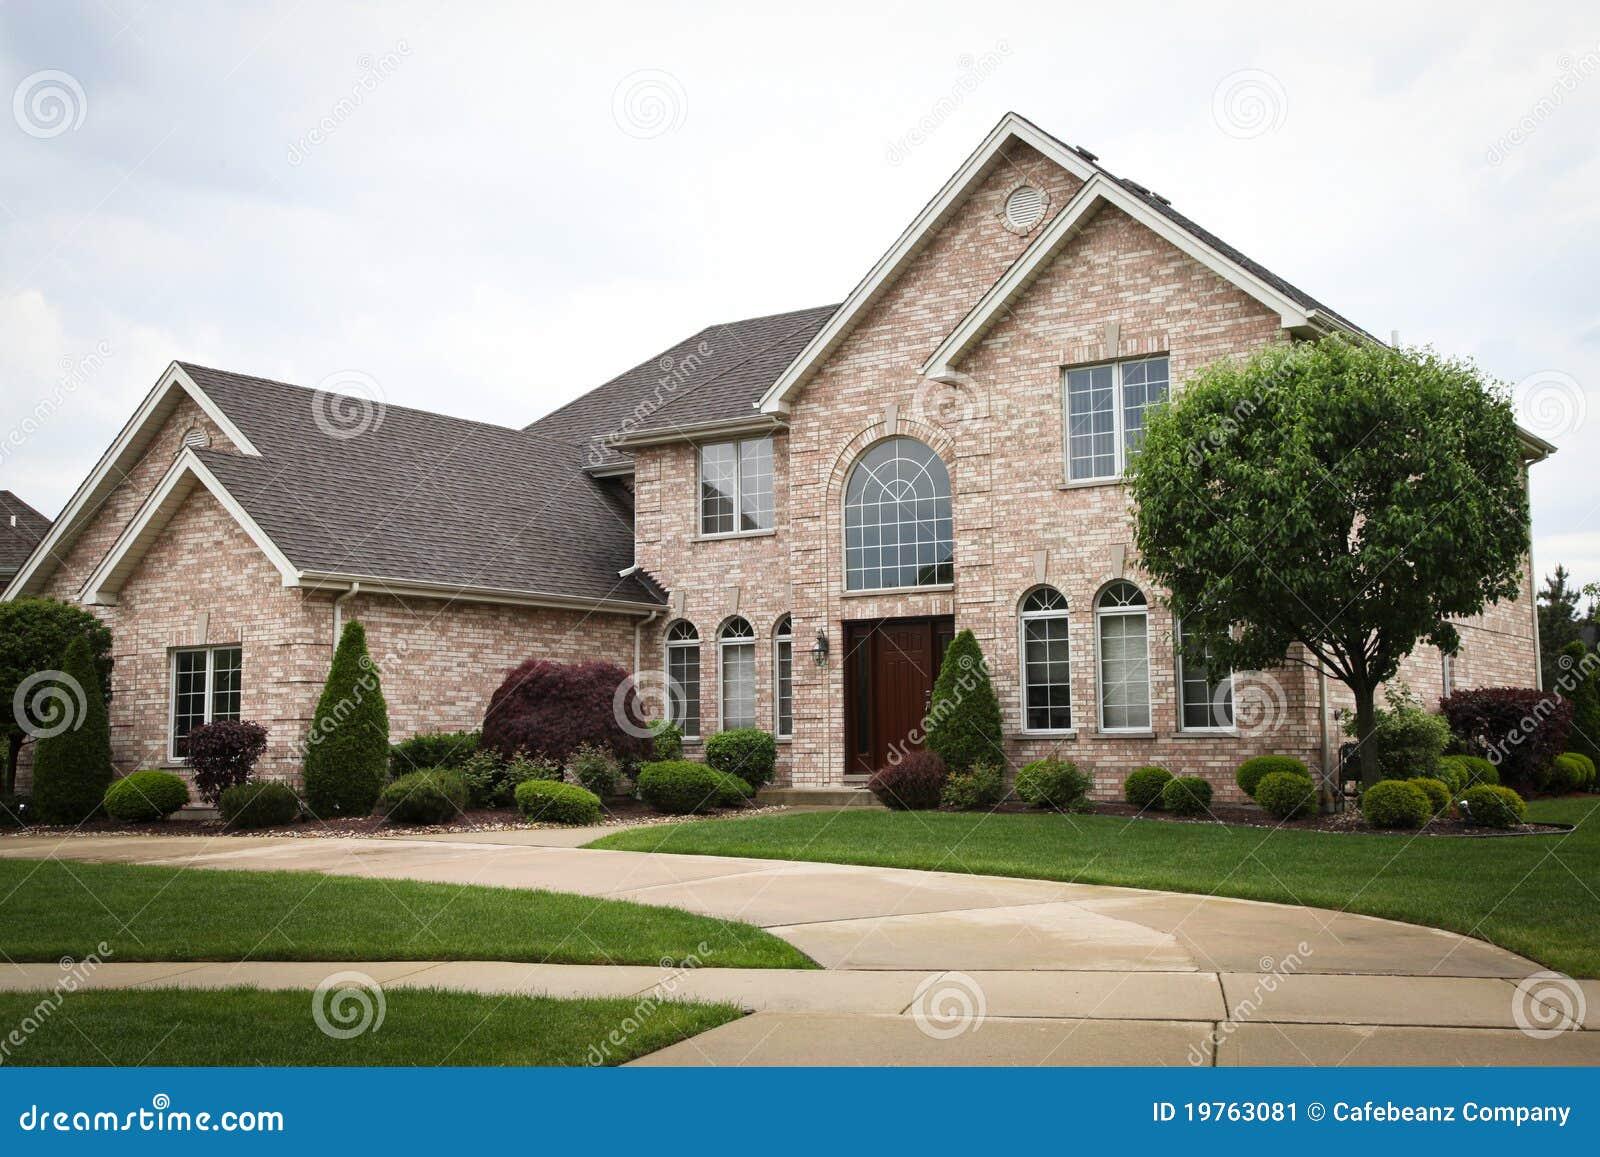 Luxury Brick House Stock Image Image 19763081